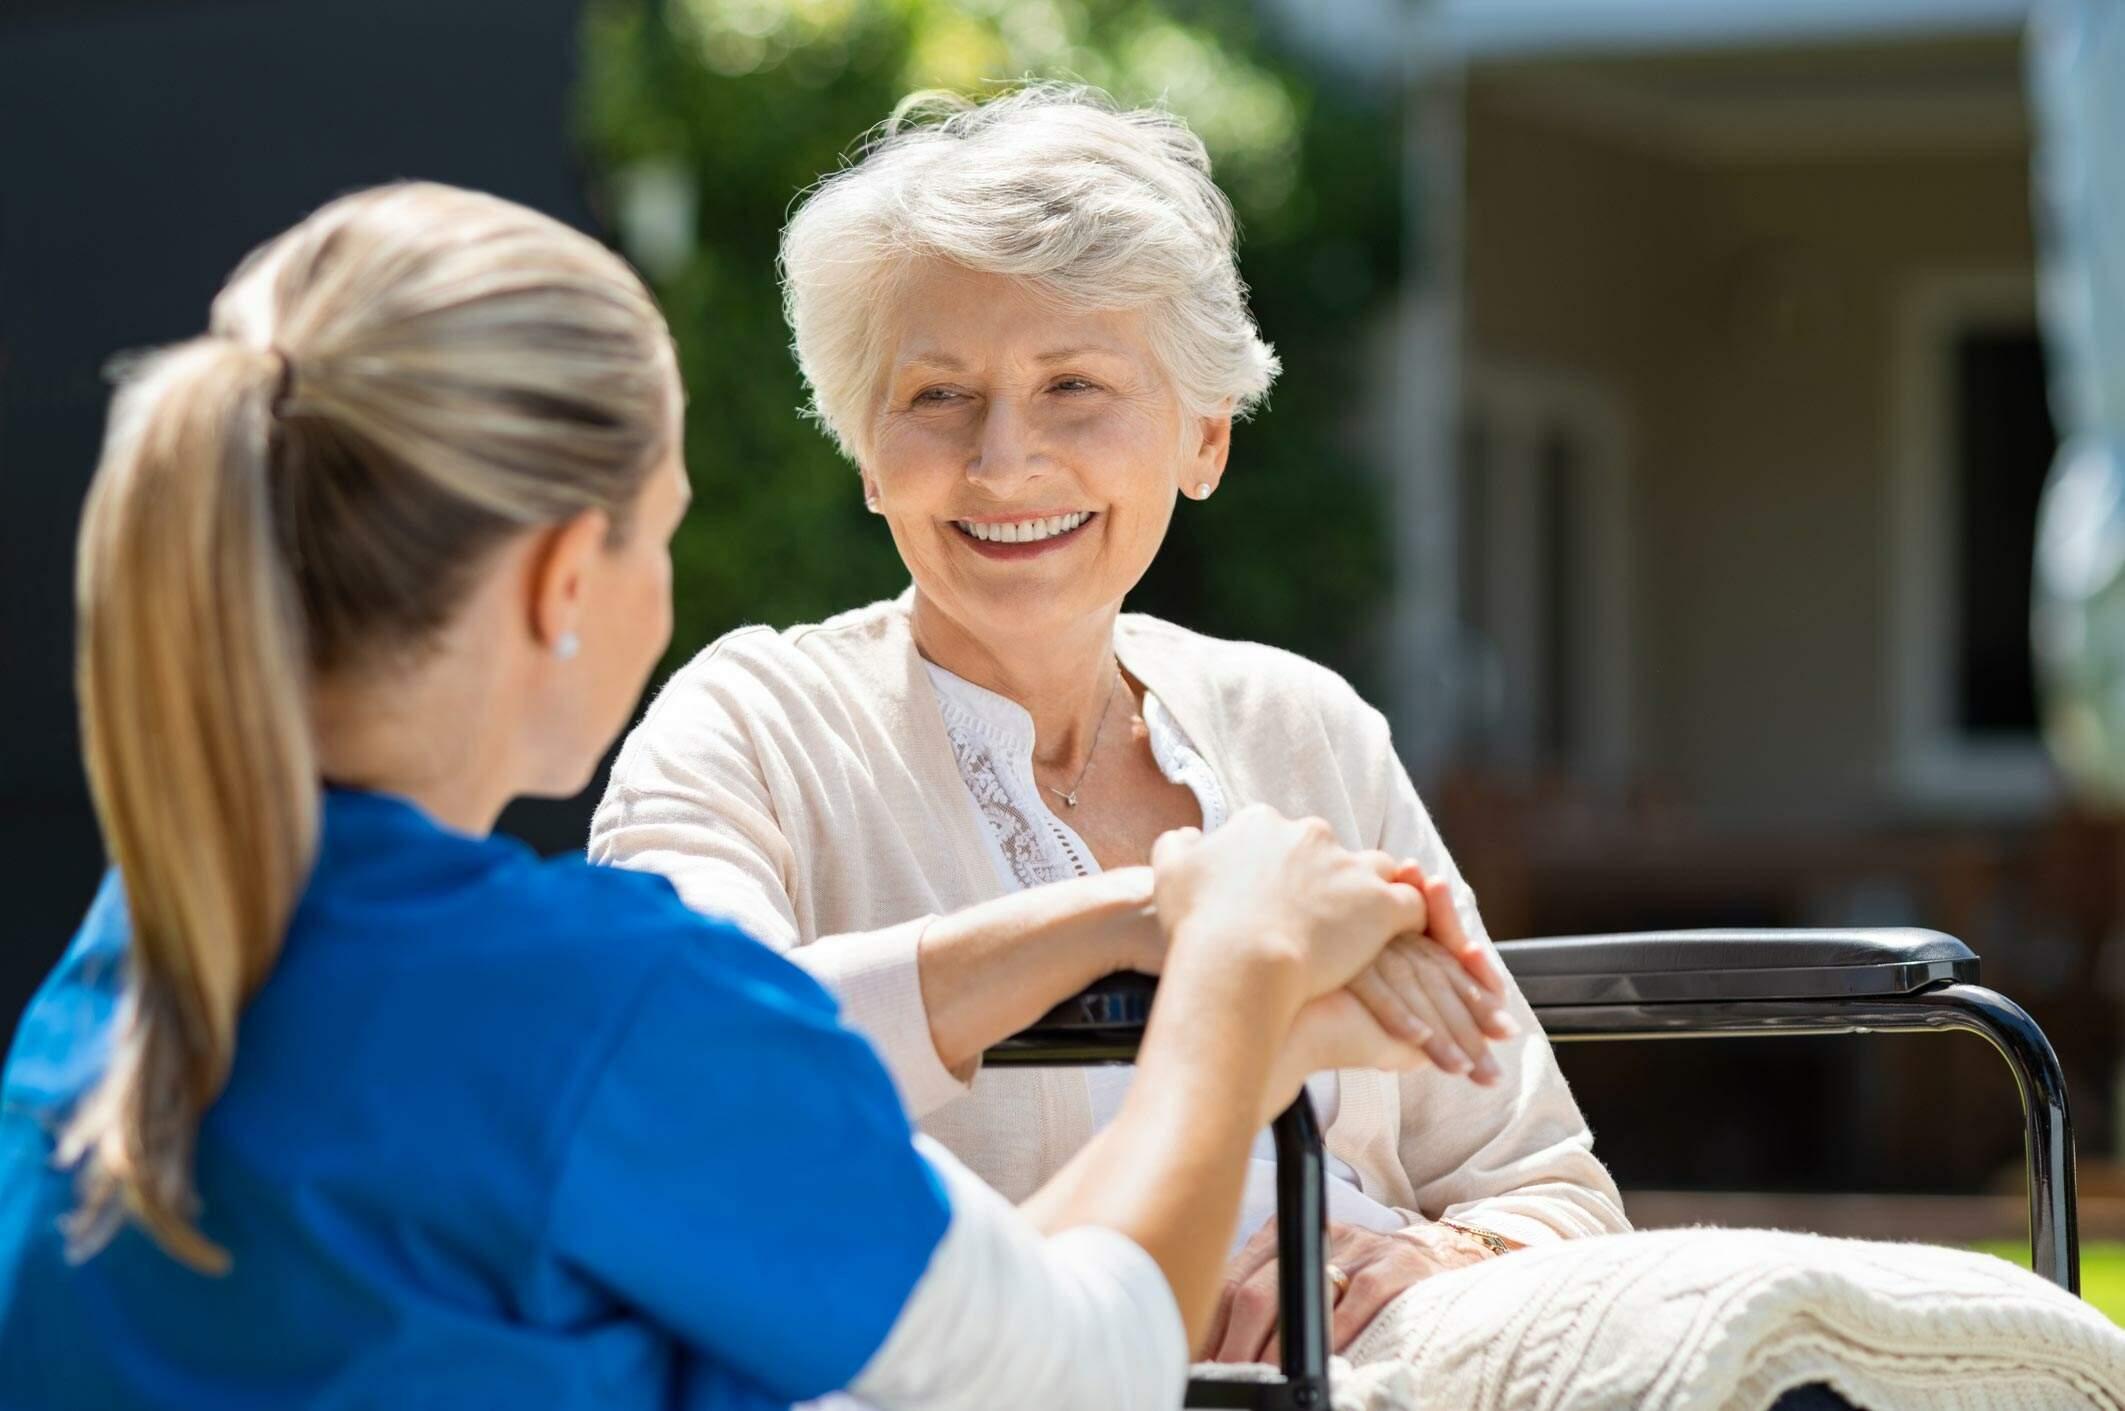 Conheça como é a assistência da enfermagem na área de saúde mental